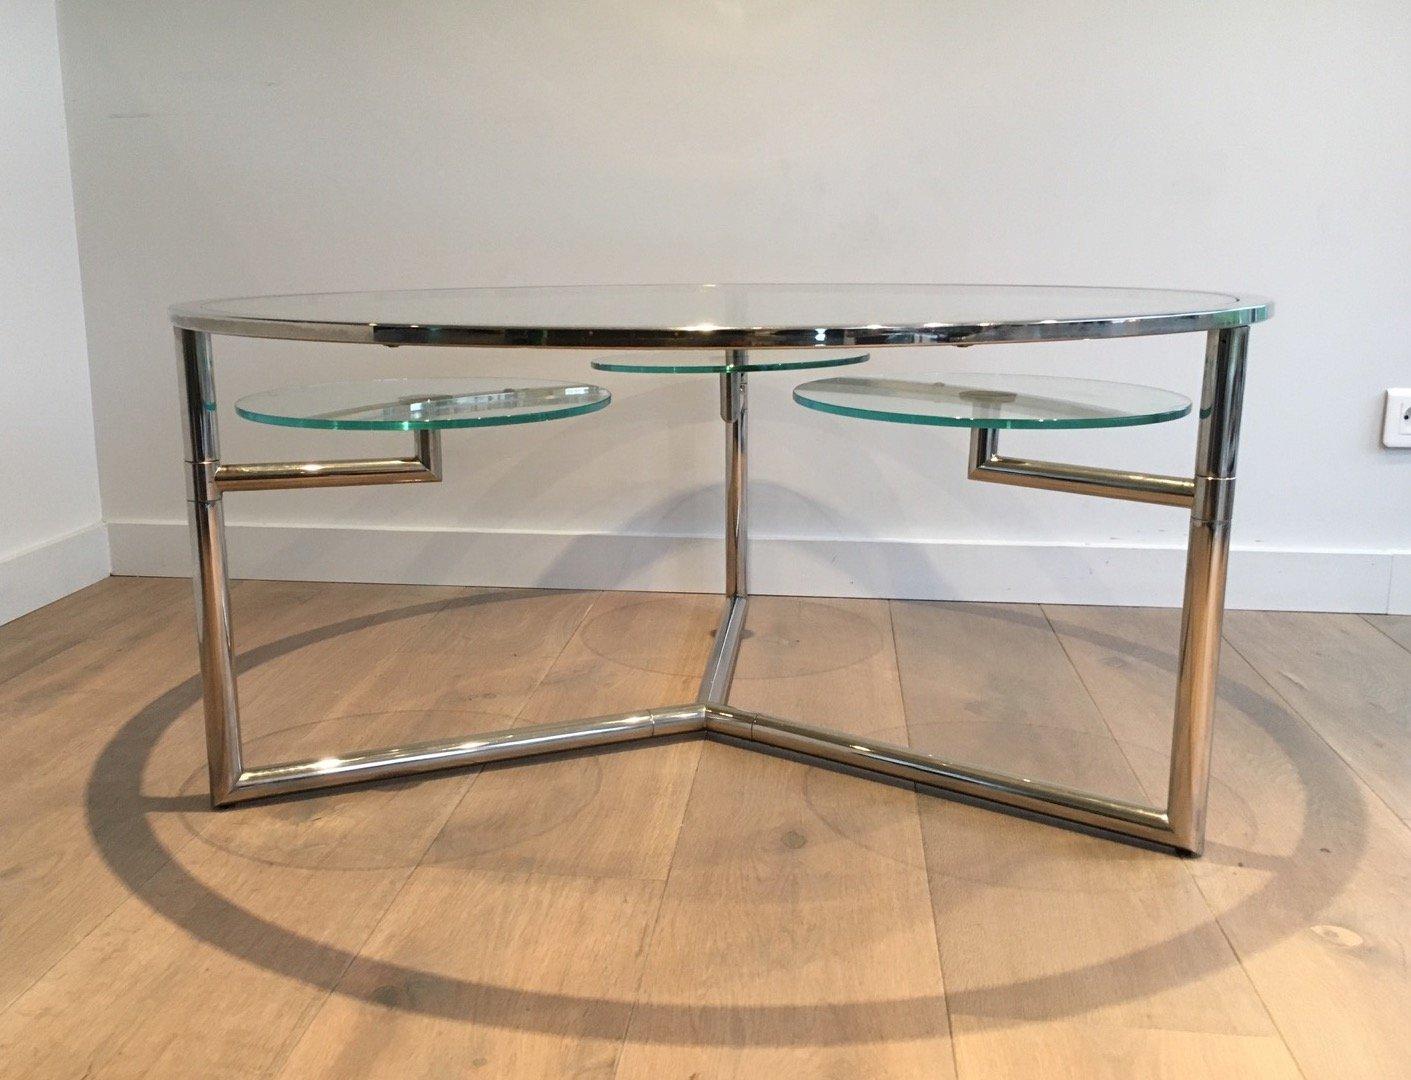 Table basse ronde avec plateaux amovibles en verre 1970s for Table basse ronde en verre